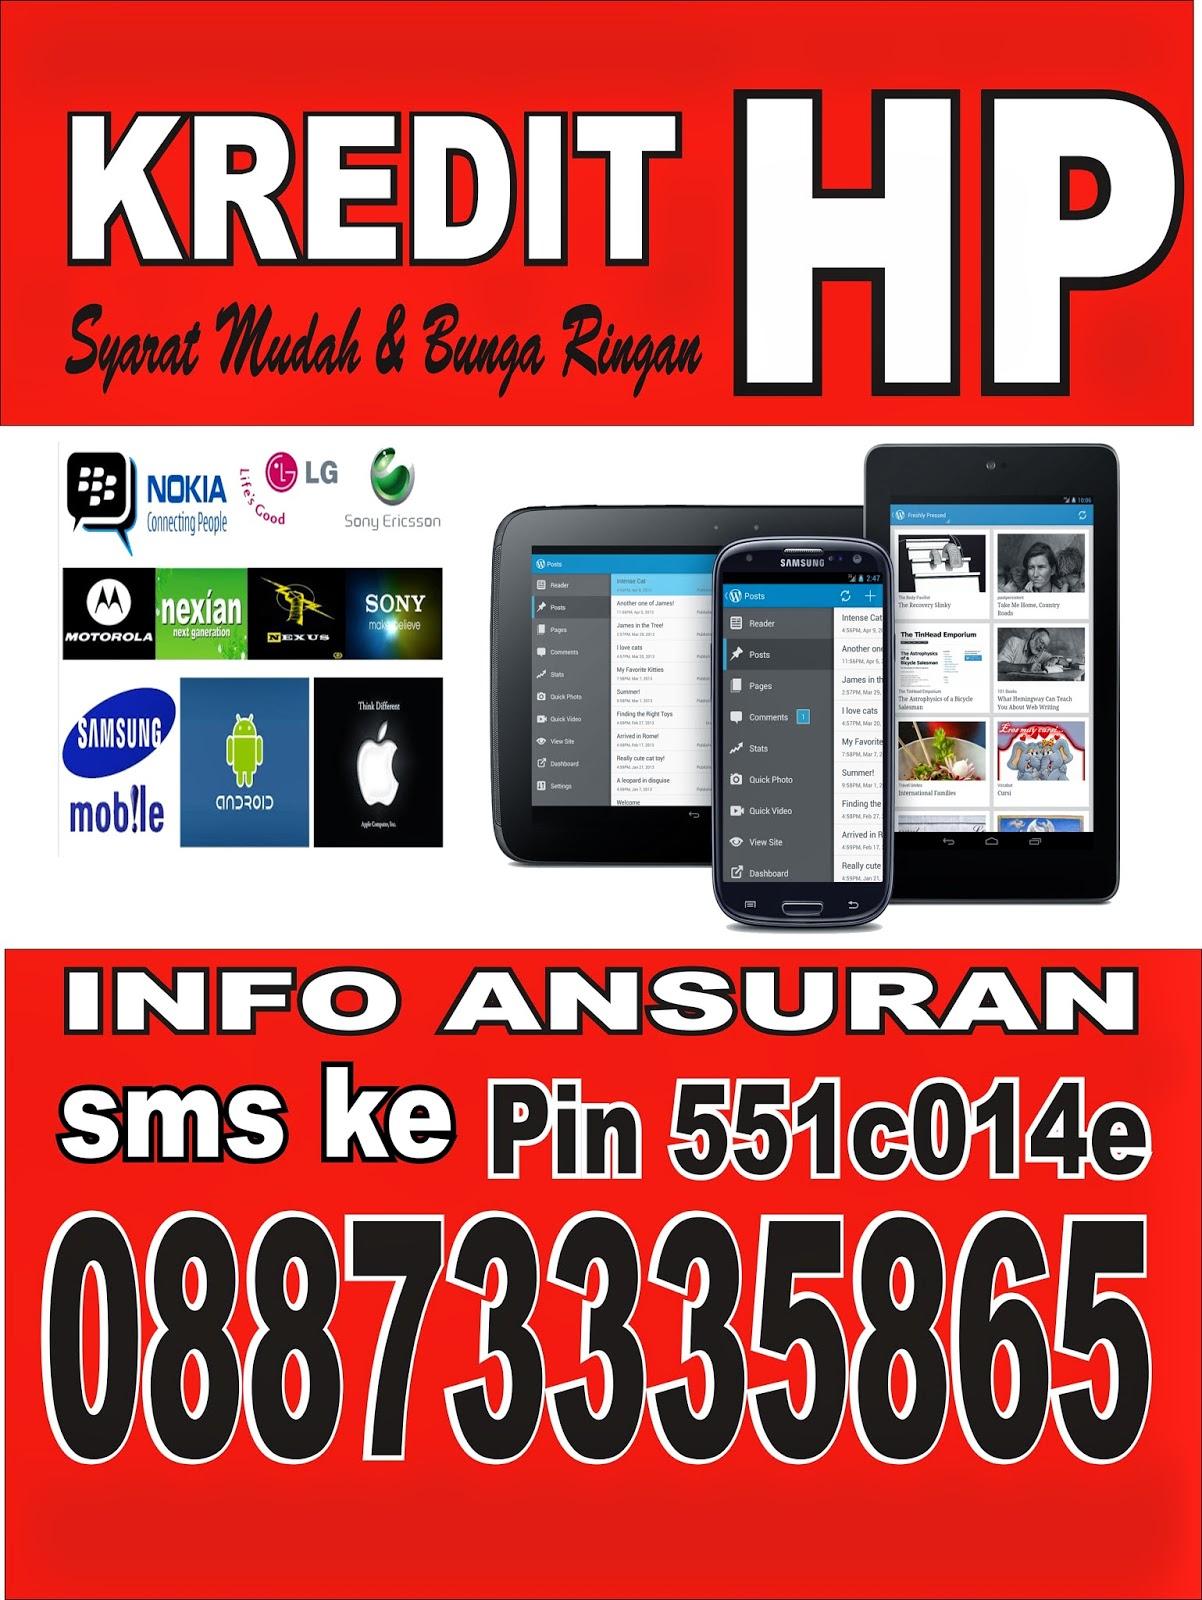 kredit Hp, Laptop, elektronik Khusus Daerah Bali : kredit ...